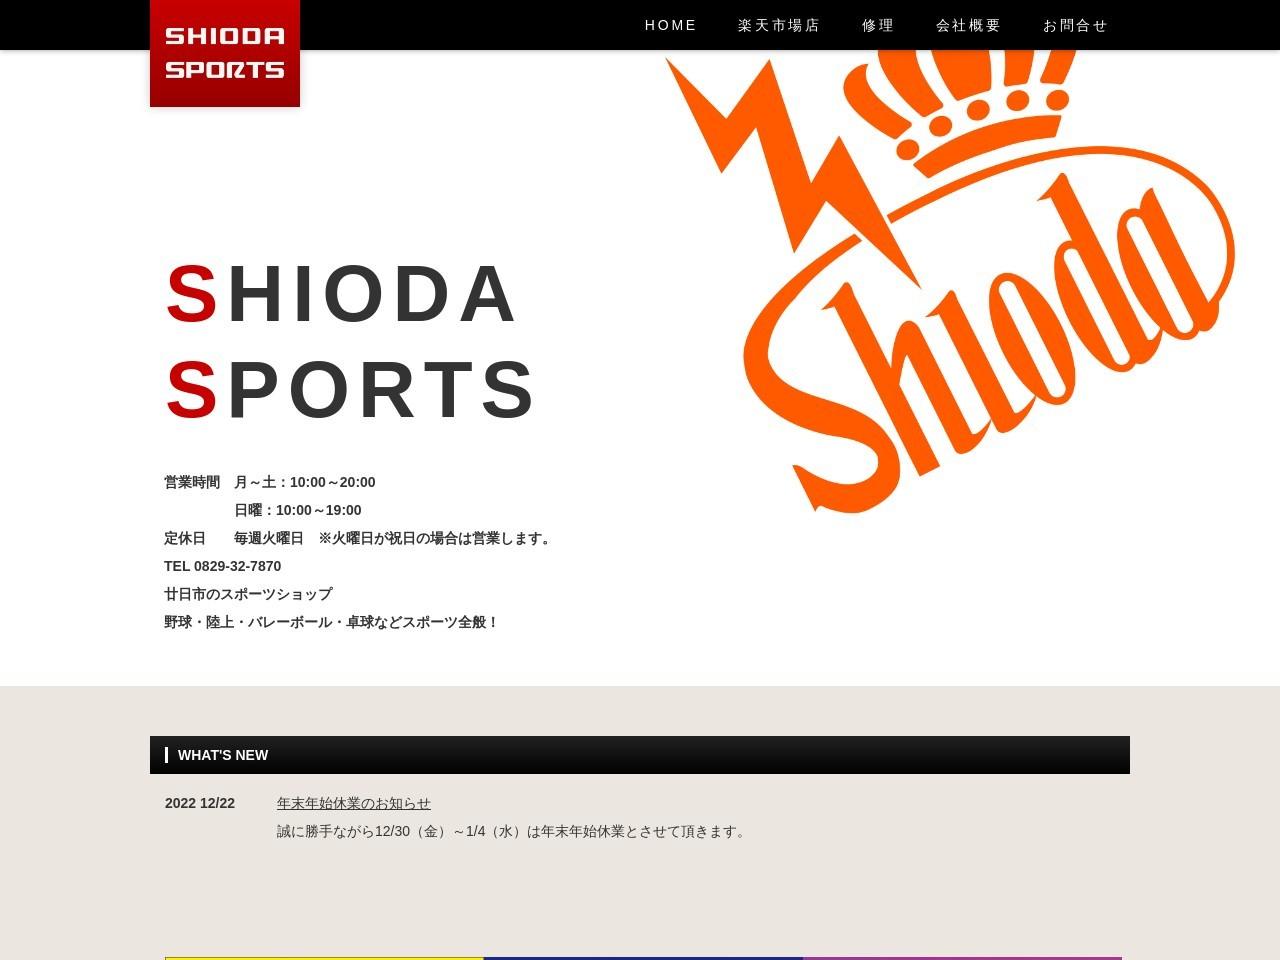 シオダスポーツ店天神店